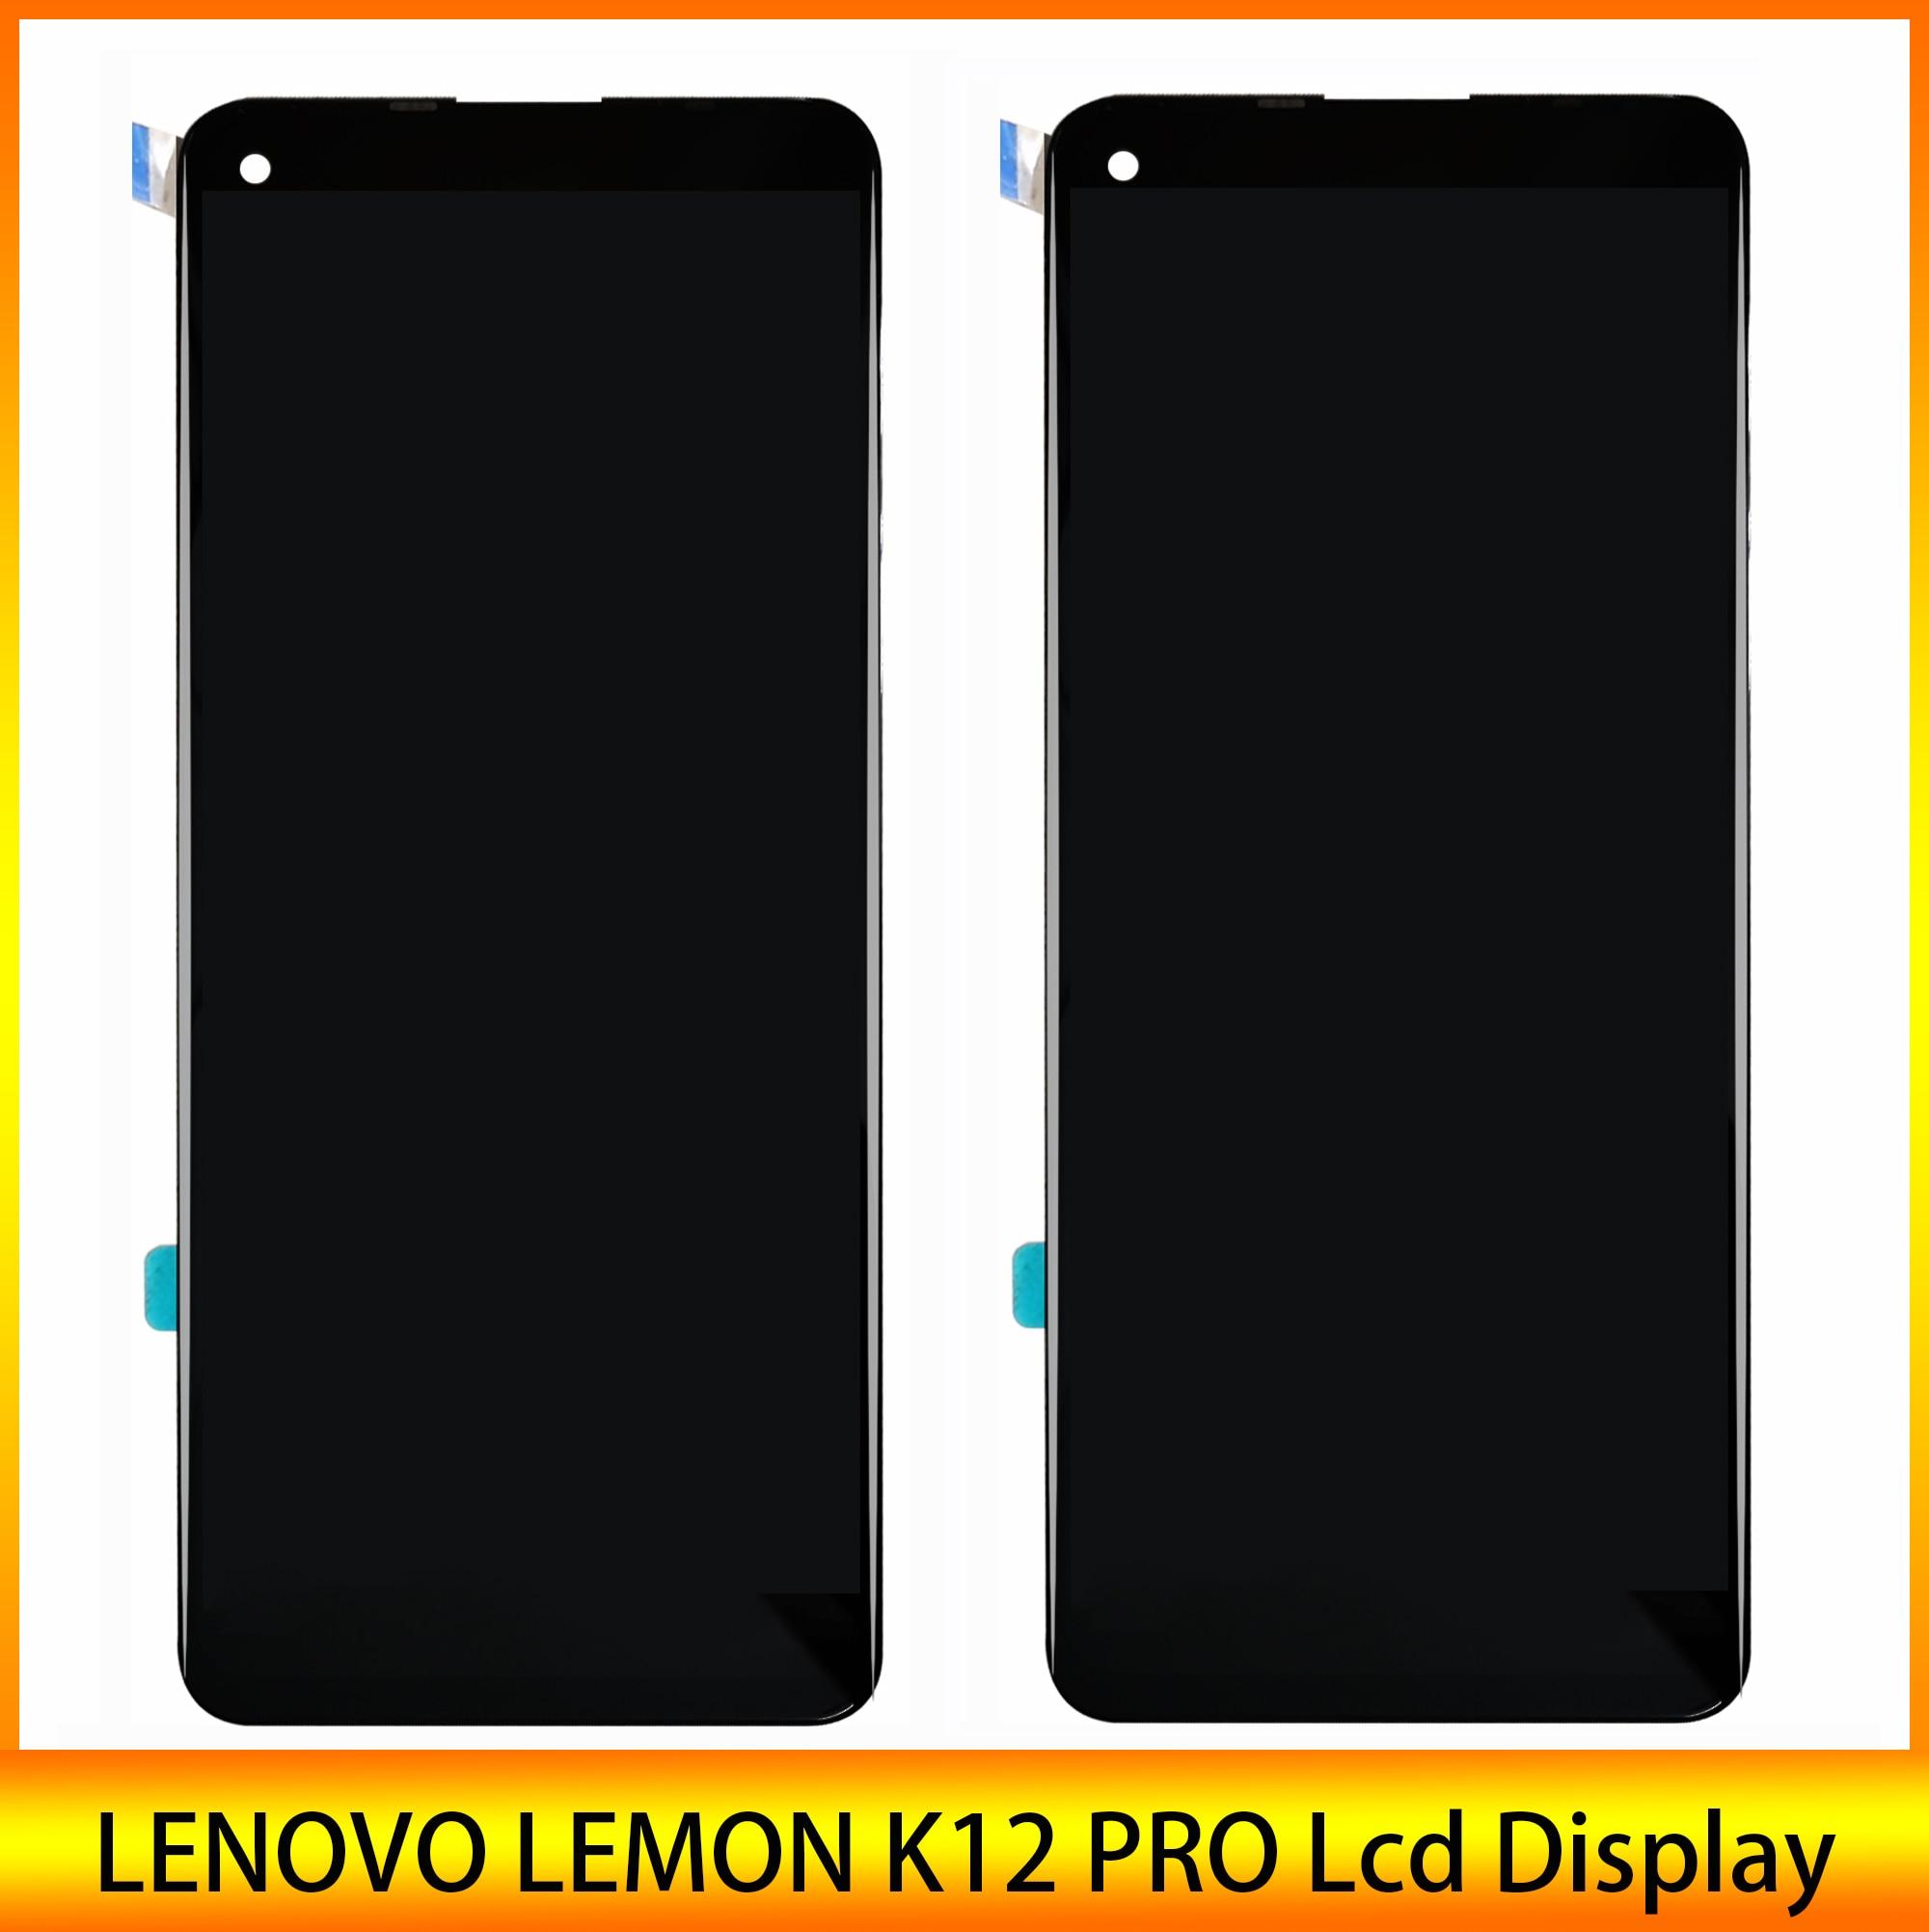 شاشة Lcd أصلية 6.8 بوصة عالية الجودة لهاتف Lenovo K12 Pro Lemon K12 Pro شاشة عرض LCD حساس باللمس شريط رقمي وأداة